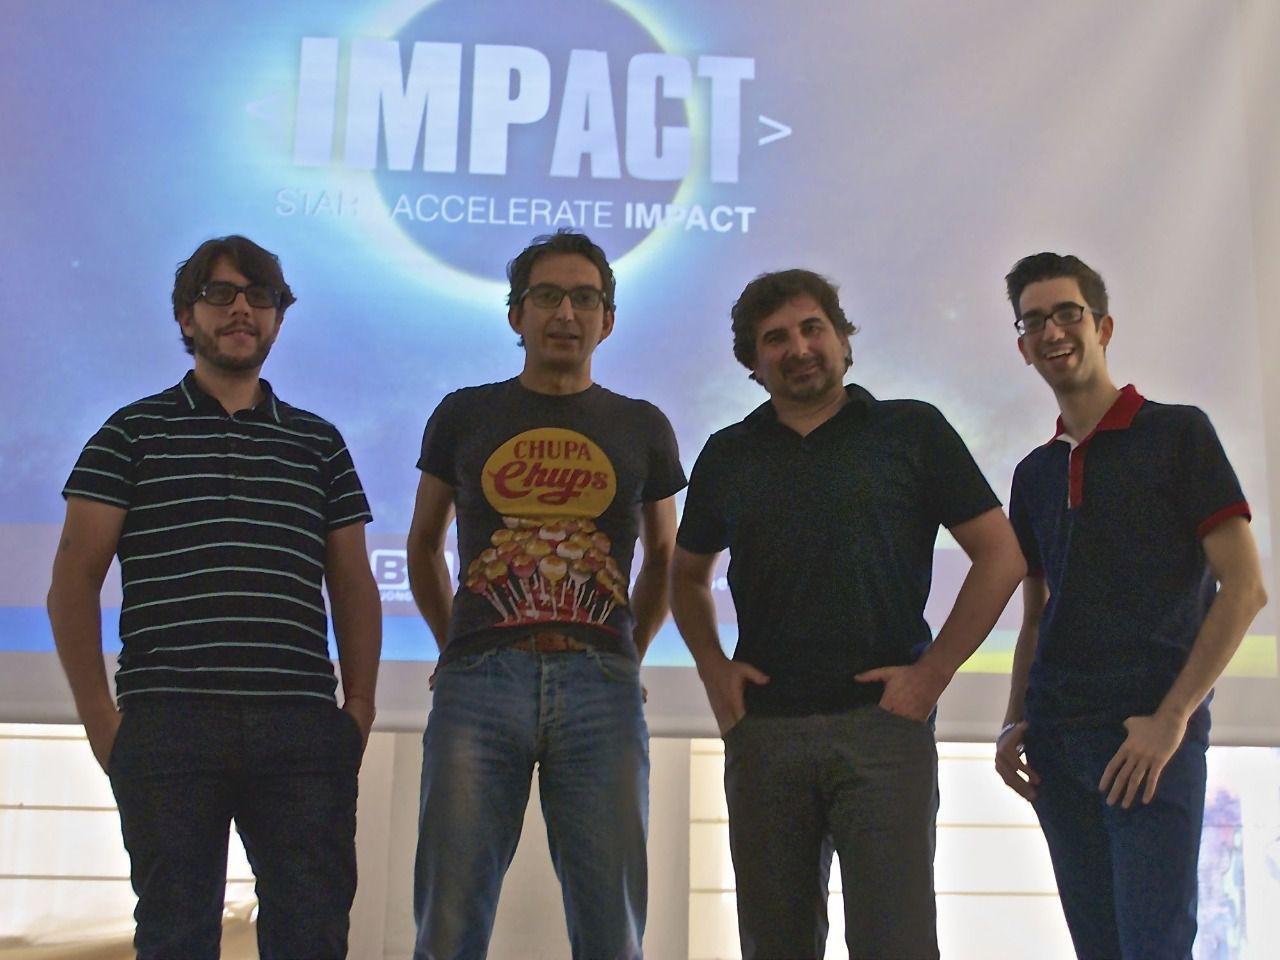 IMPACT cierra su segunda open call y selecciona 23 nuevos proyectos de ocho países europeos